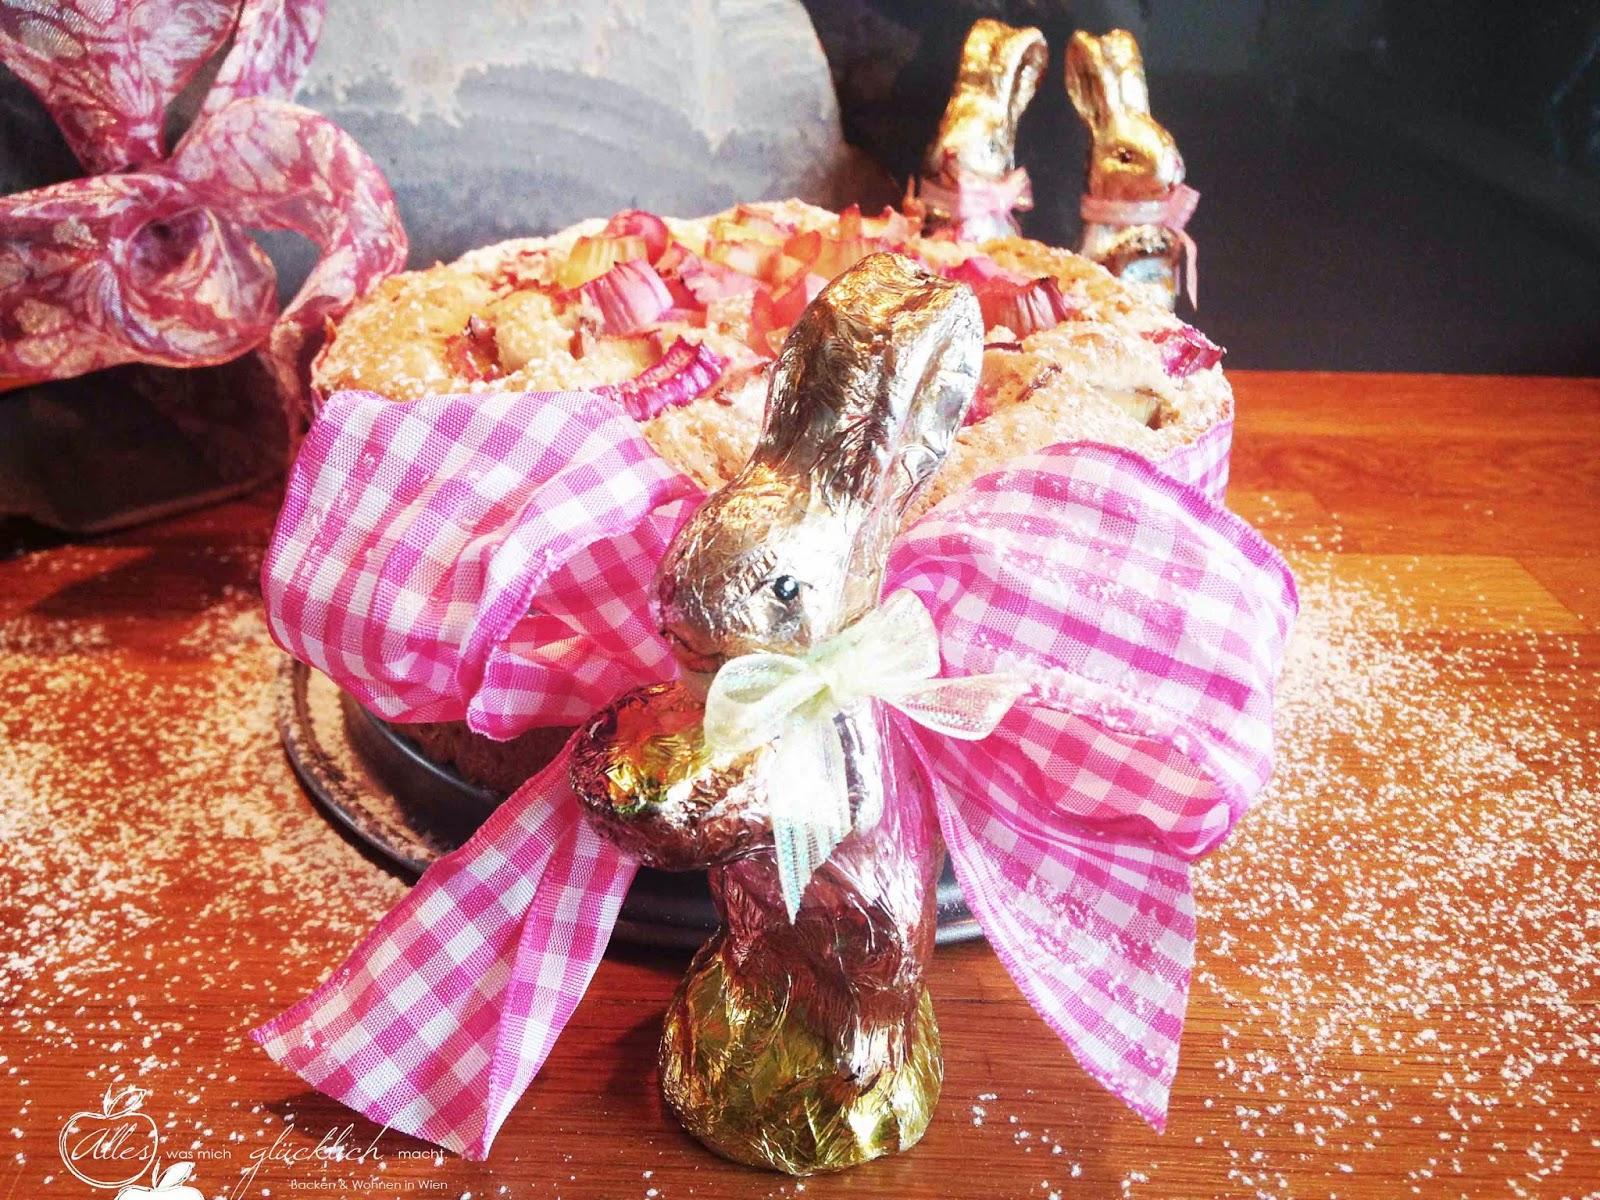 Das Oster-Geheimrezept von Frau Osterhase: Eierlikör - Rhabarber Rührkuchen